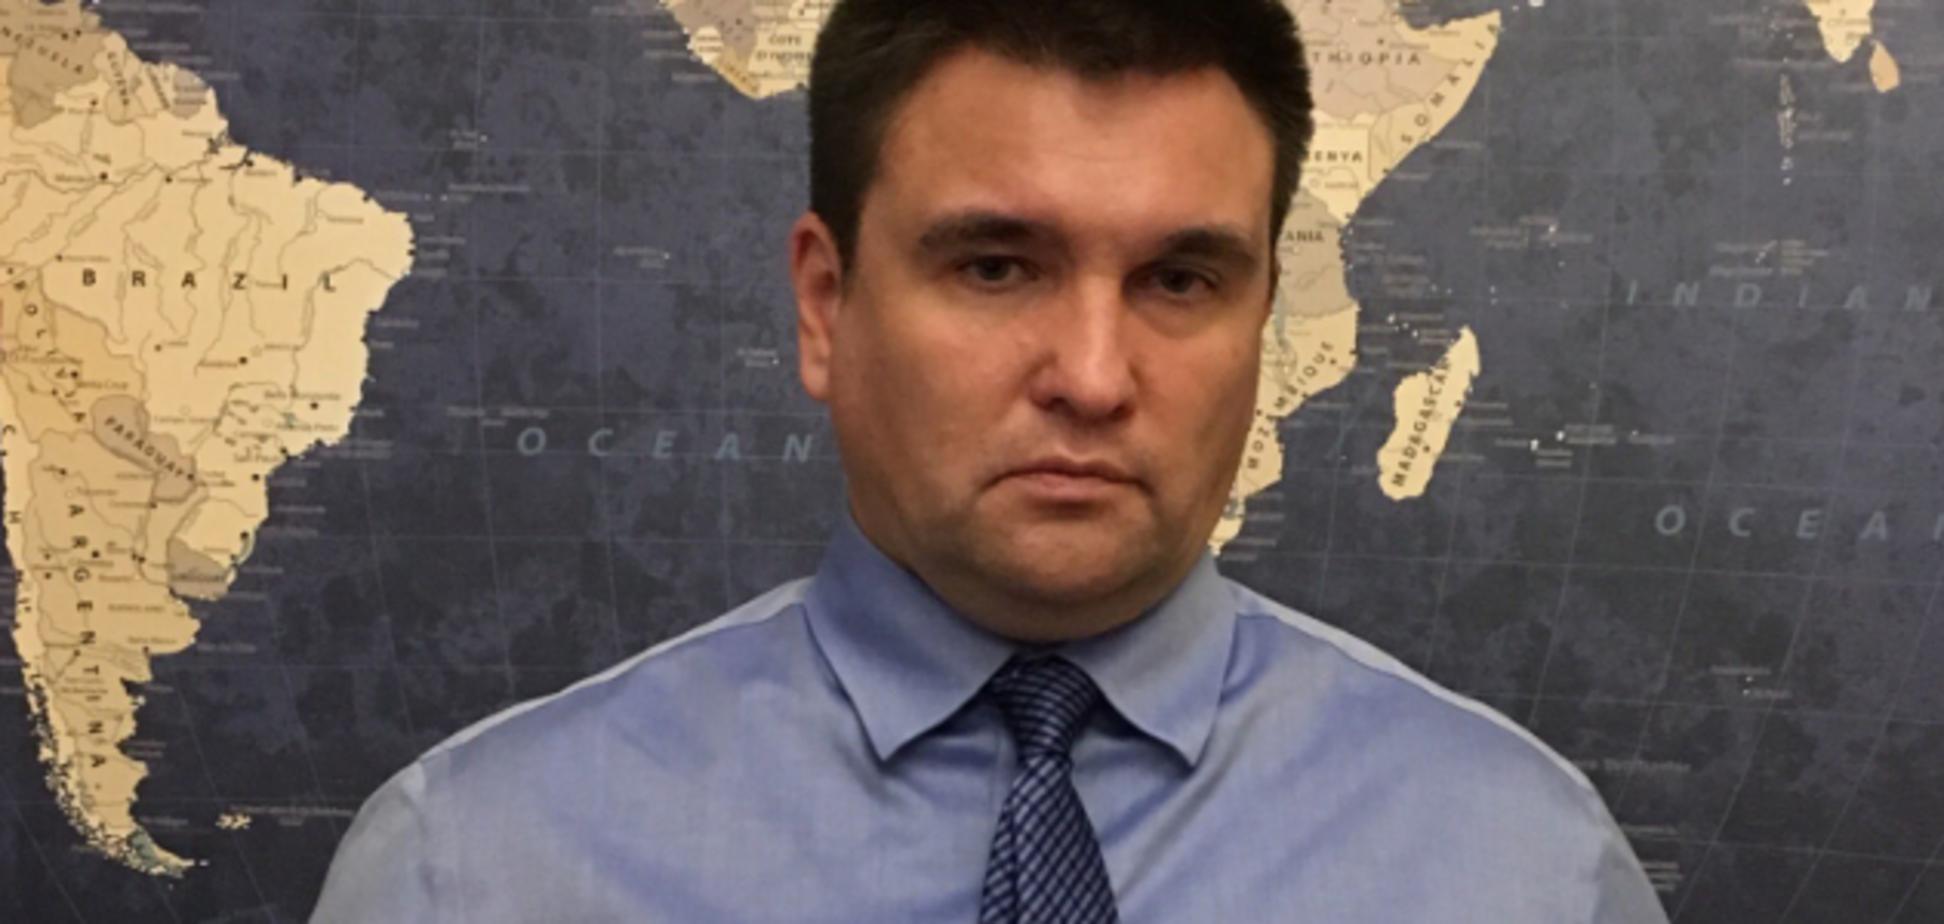 ''Дуже дратує!'' Клімкін втратив самовладання через ''диванну позицію'' Заходу до України